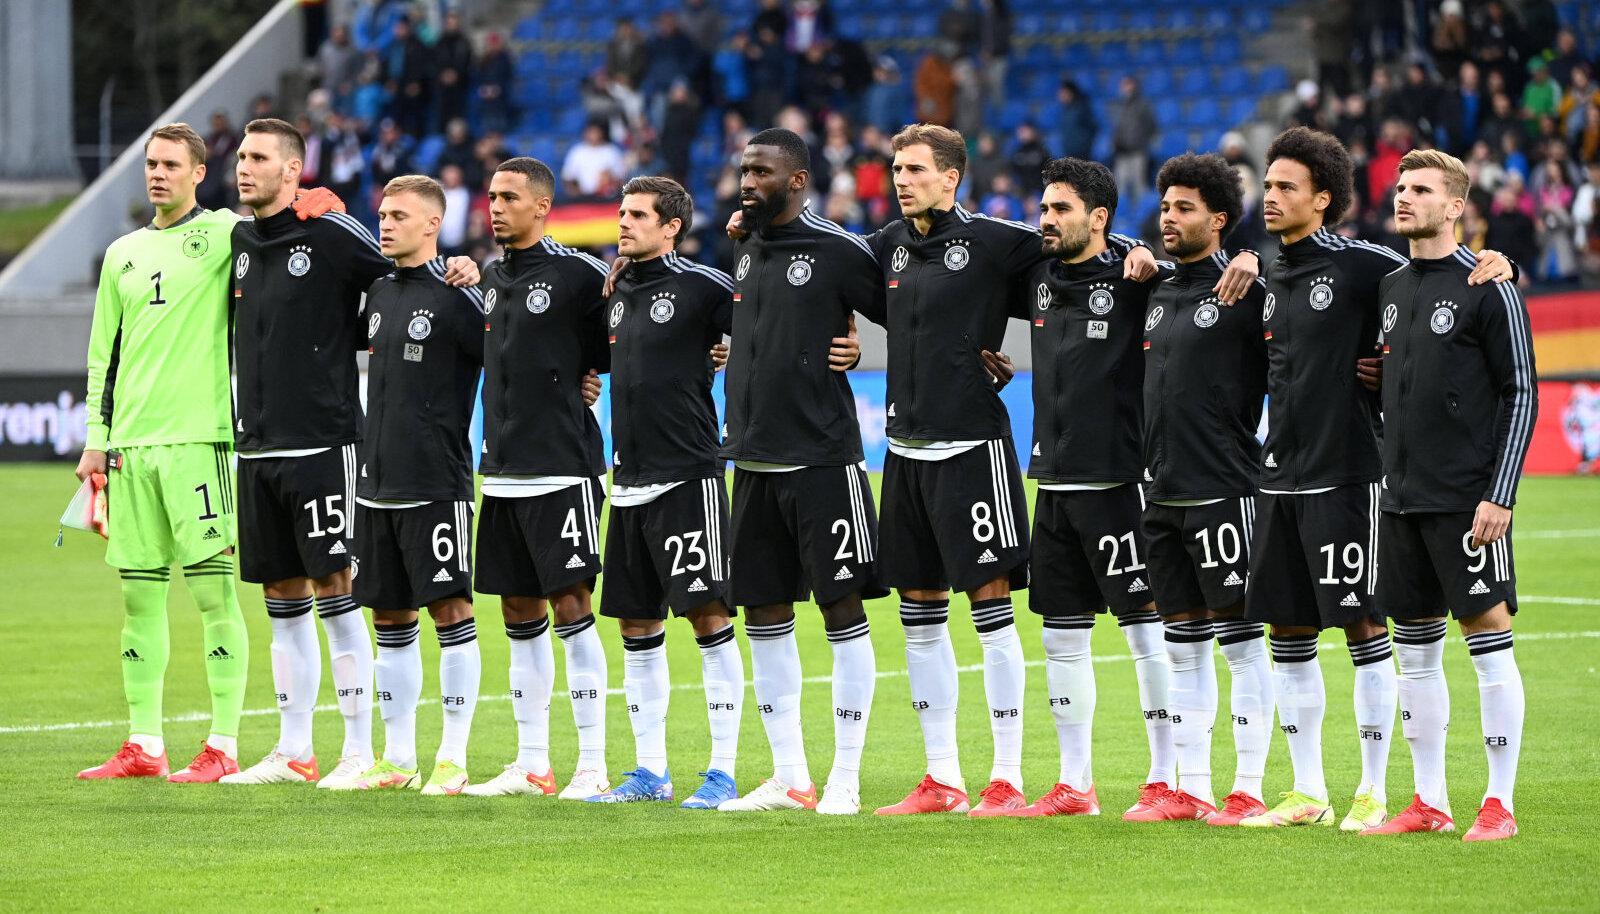 Saksamaa koondis enne Islandiga mängu